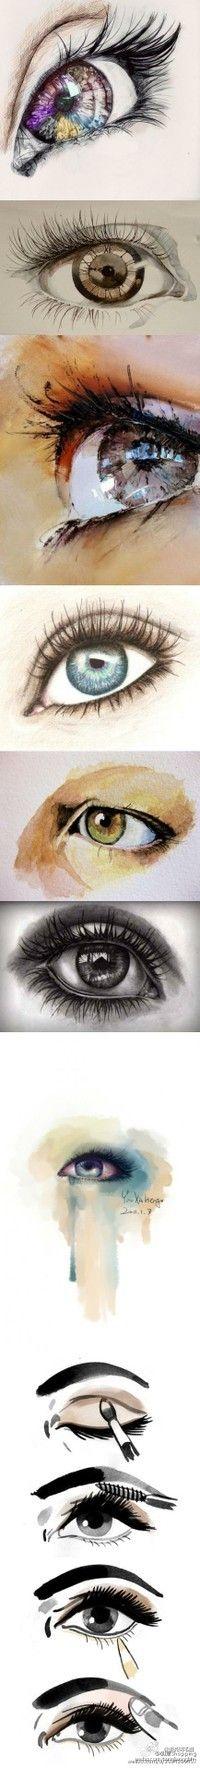 eye art for the new office. Eye Art, Drawing Techniques, Art Tips, Art Tutorials, Drawing Tutorials, Painting & Drawing, Drawing Eyes, Eyeball Drawing, Amazing Art